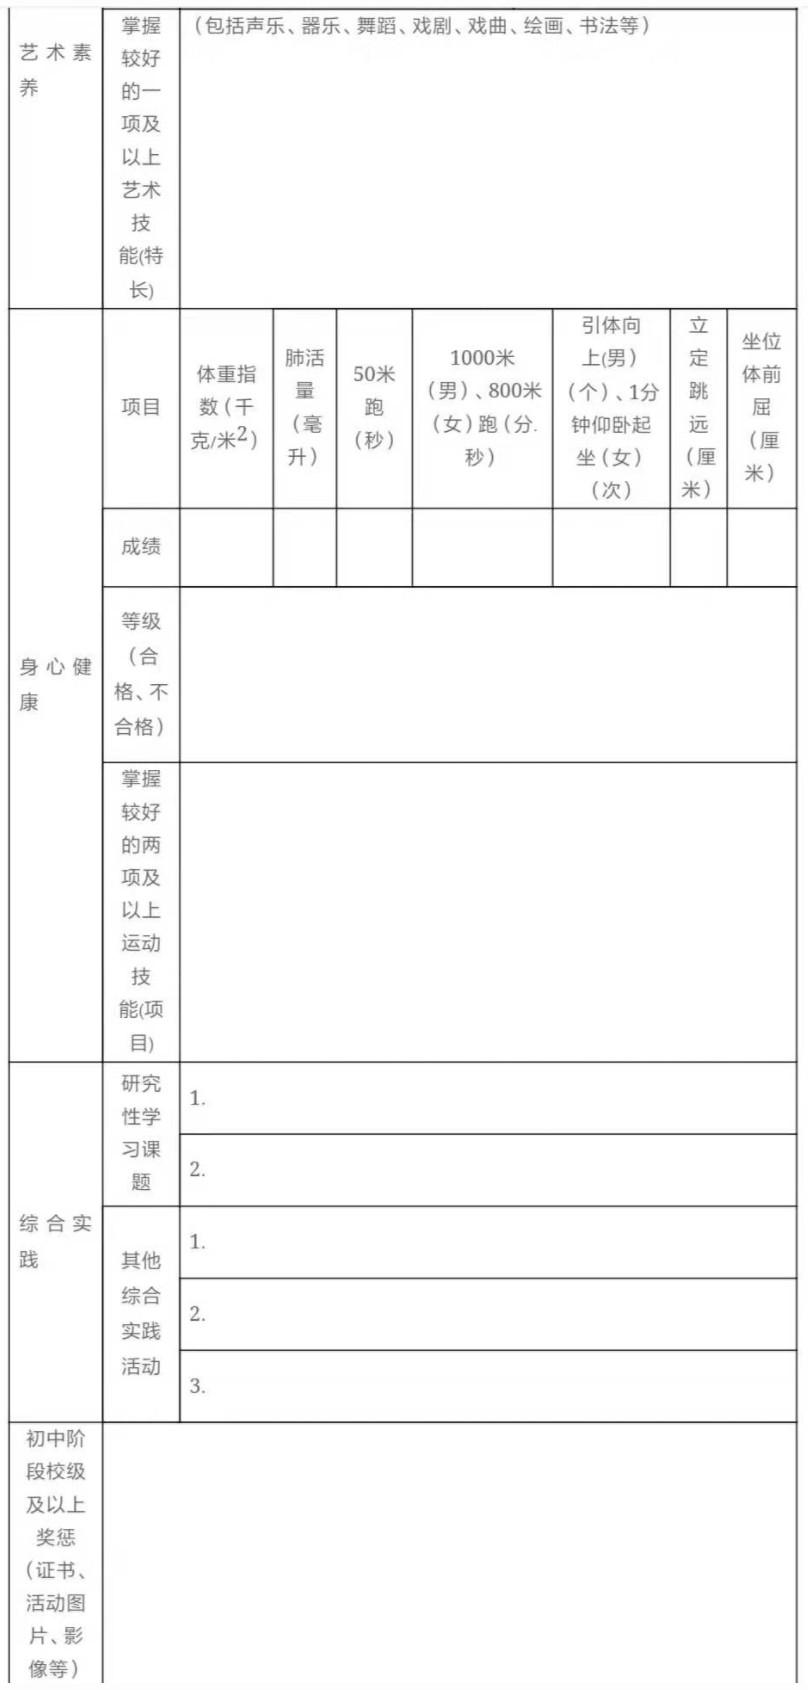 2019关于印发《成都市初中学生综合素质评价实施方案》公告